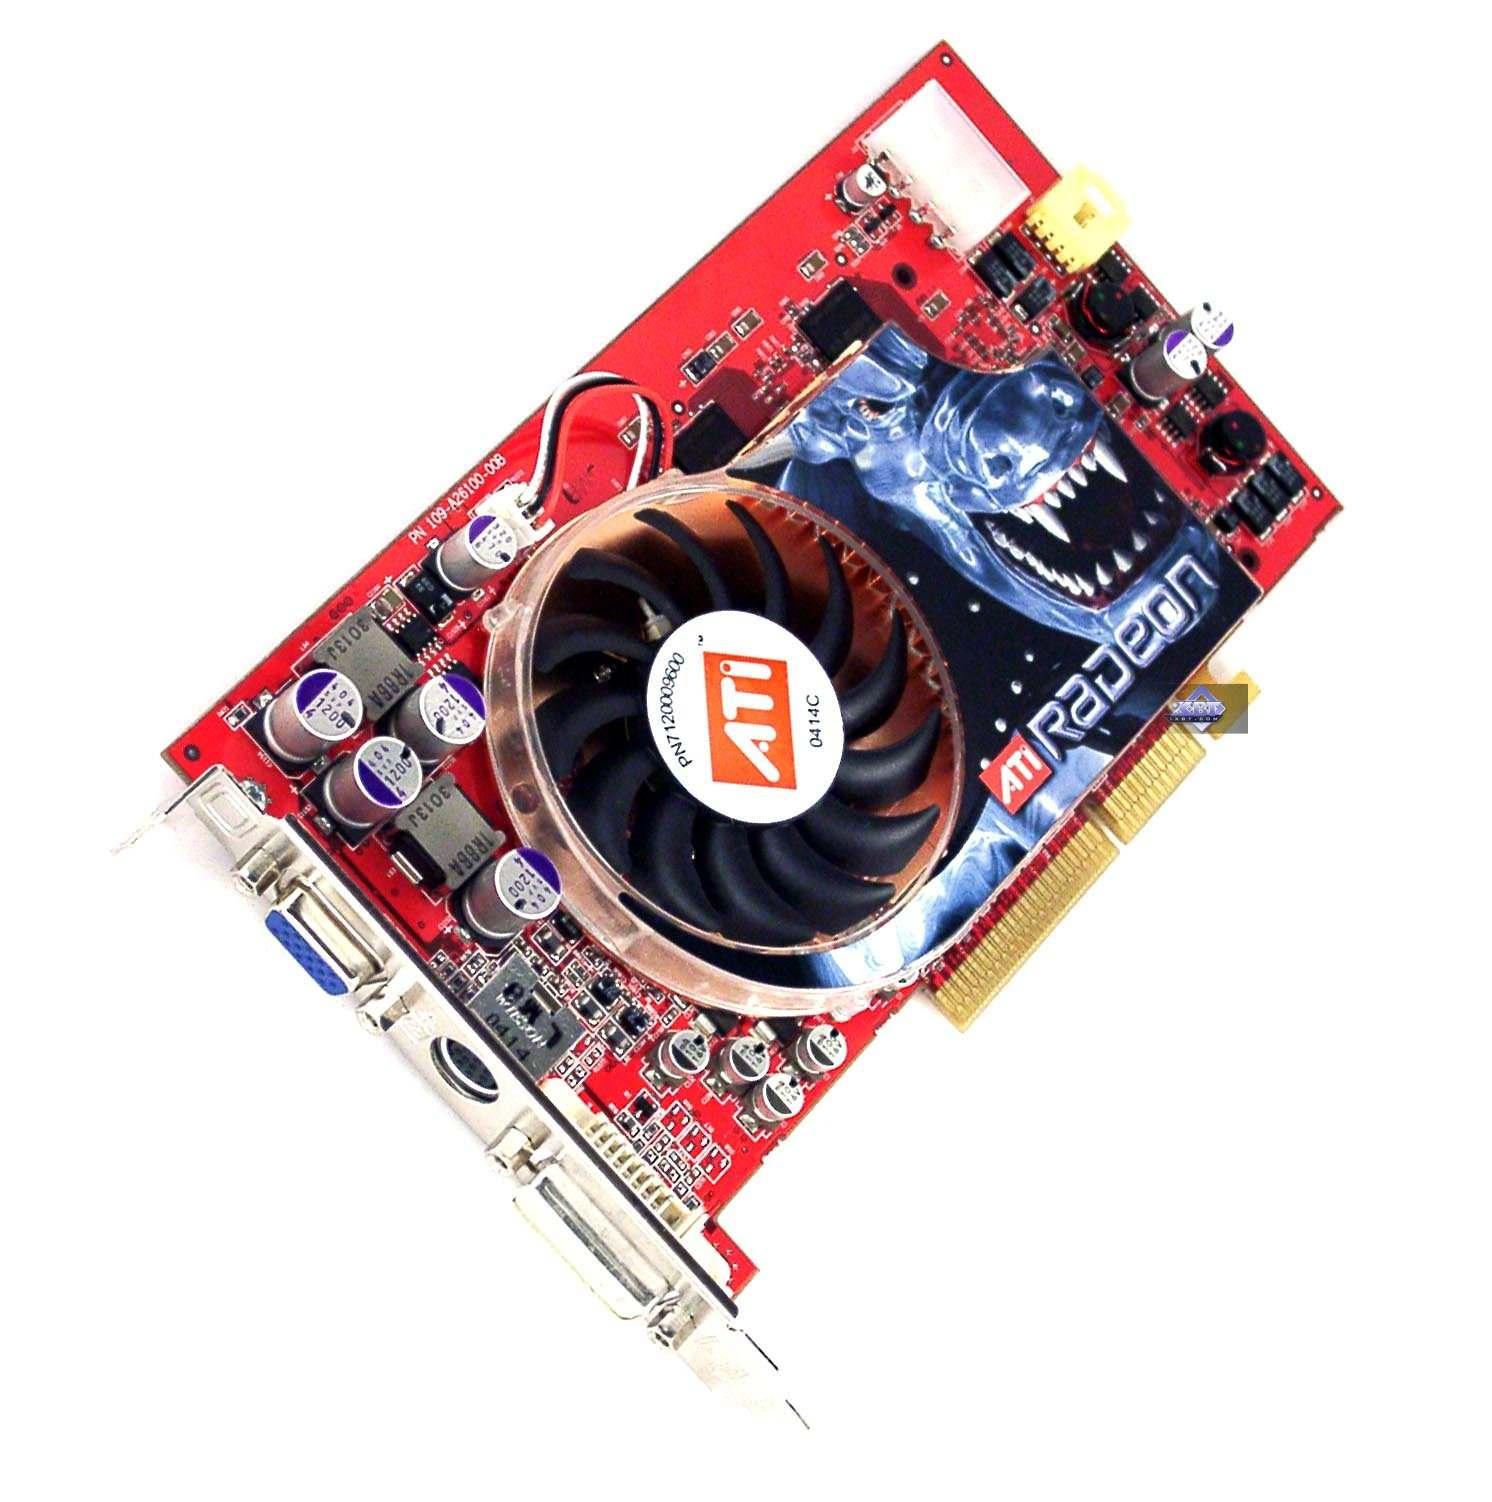 Драйвер Radeon X800 Pro Скачать